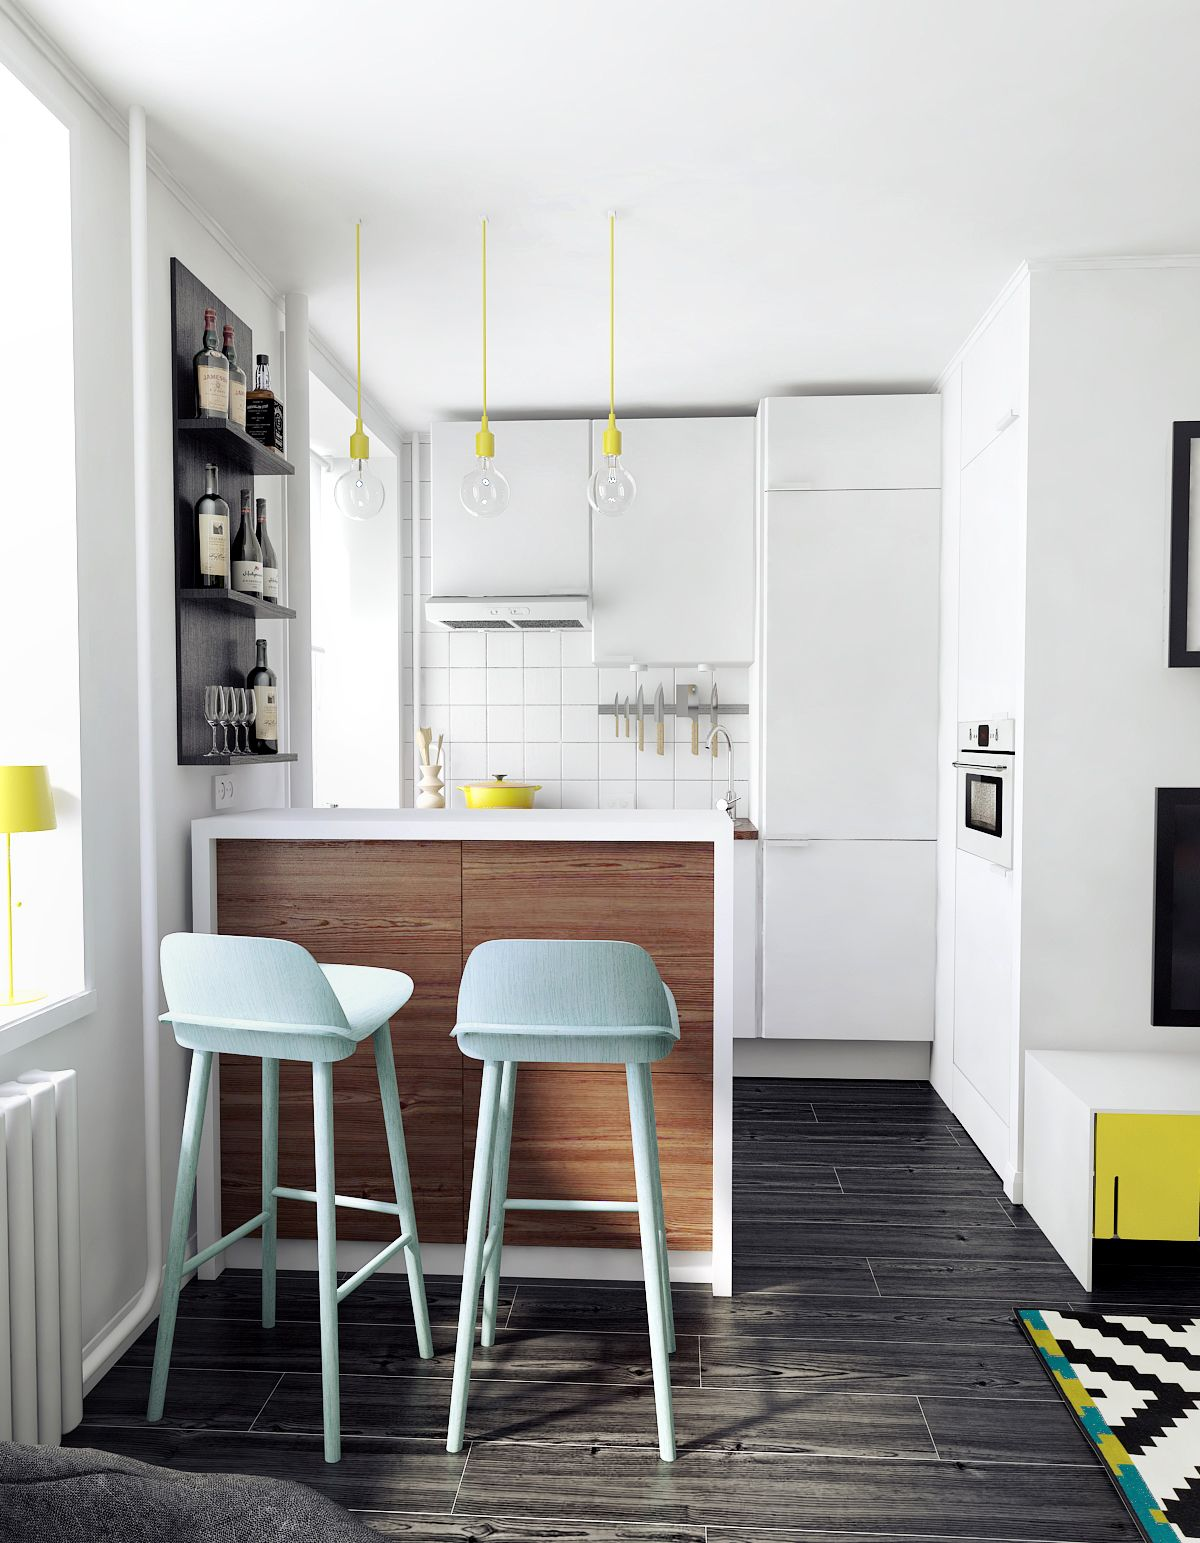 Küchenideen für kleine küchen simple and clever space saving ideas for small kitchens  kitchen